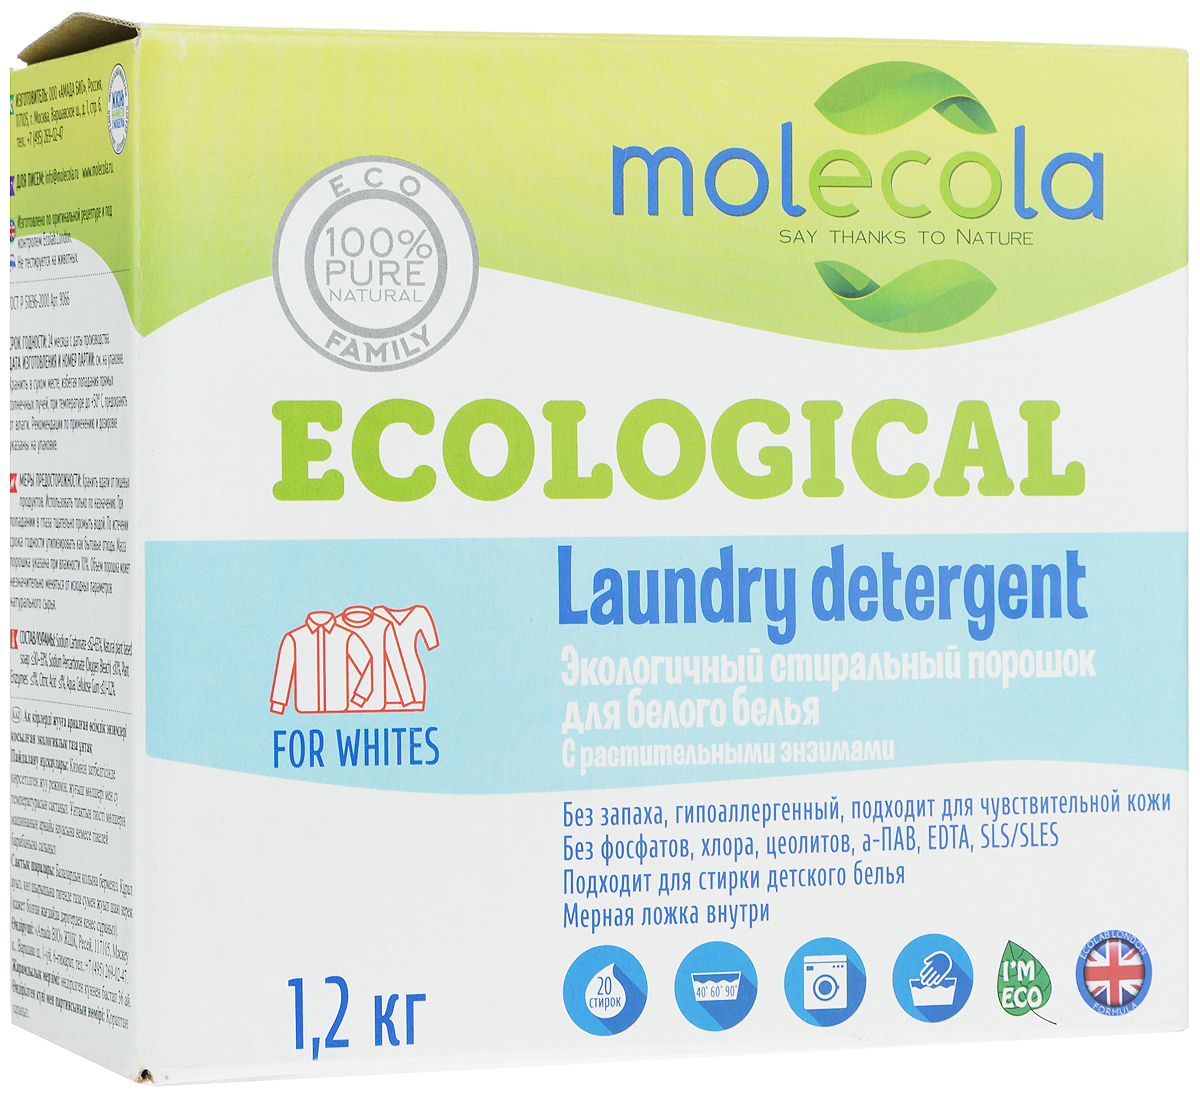 Стиральный порошок Molecola, для белого белья, с растительными энзимами, 1,2 кг сыворотка флюид lebel лосьон для волос proscenia drying fix lebel